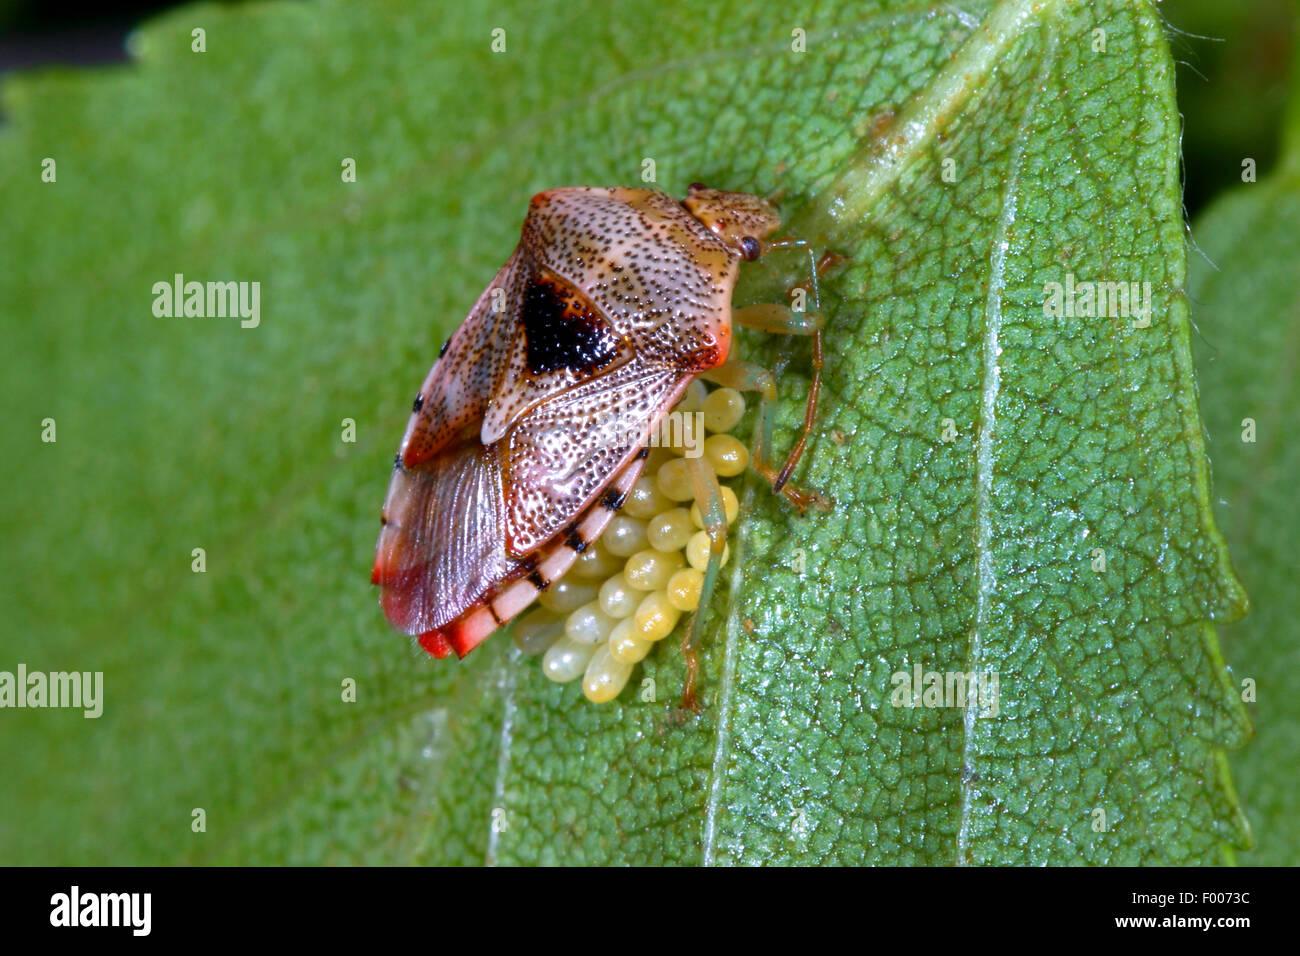 Bug de padres, mimando bug (Elasmucha grisea), protegiendo sus huevos, Alemania Imagen De Stock